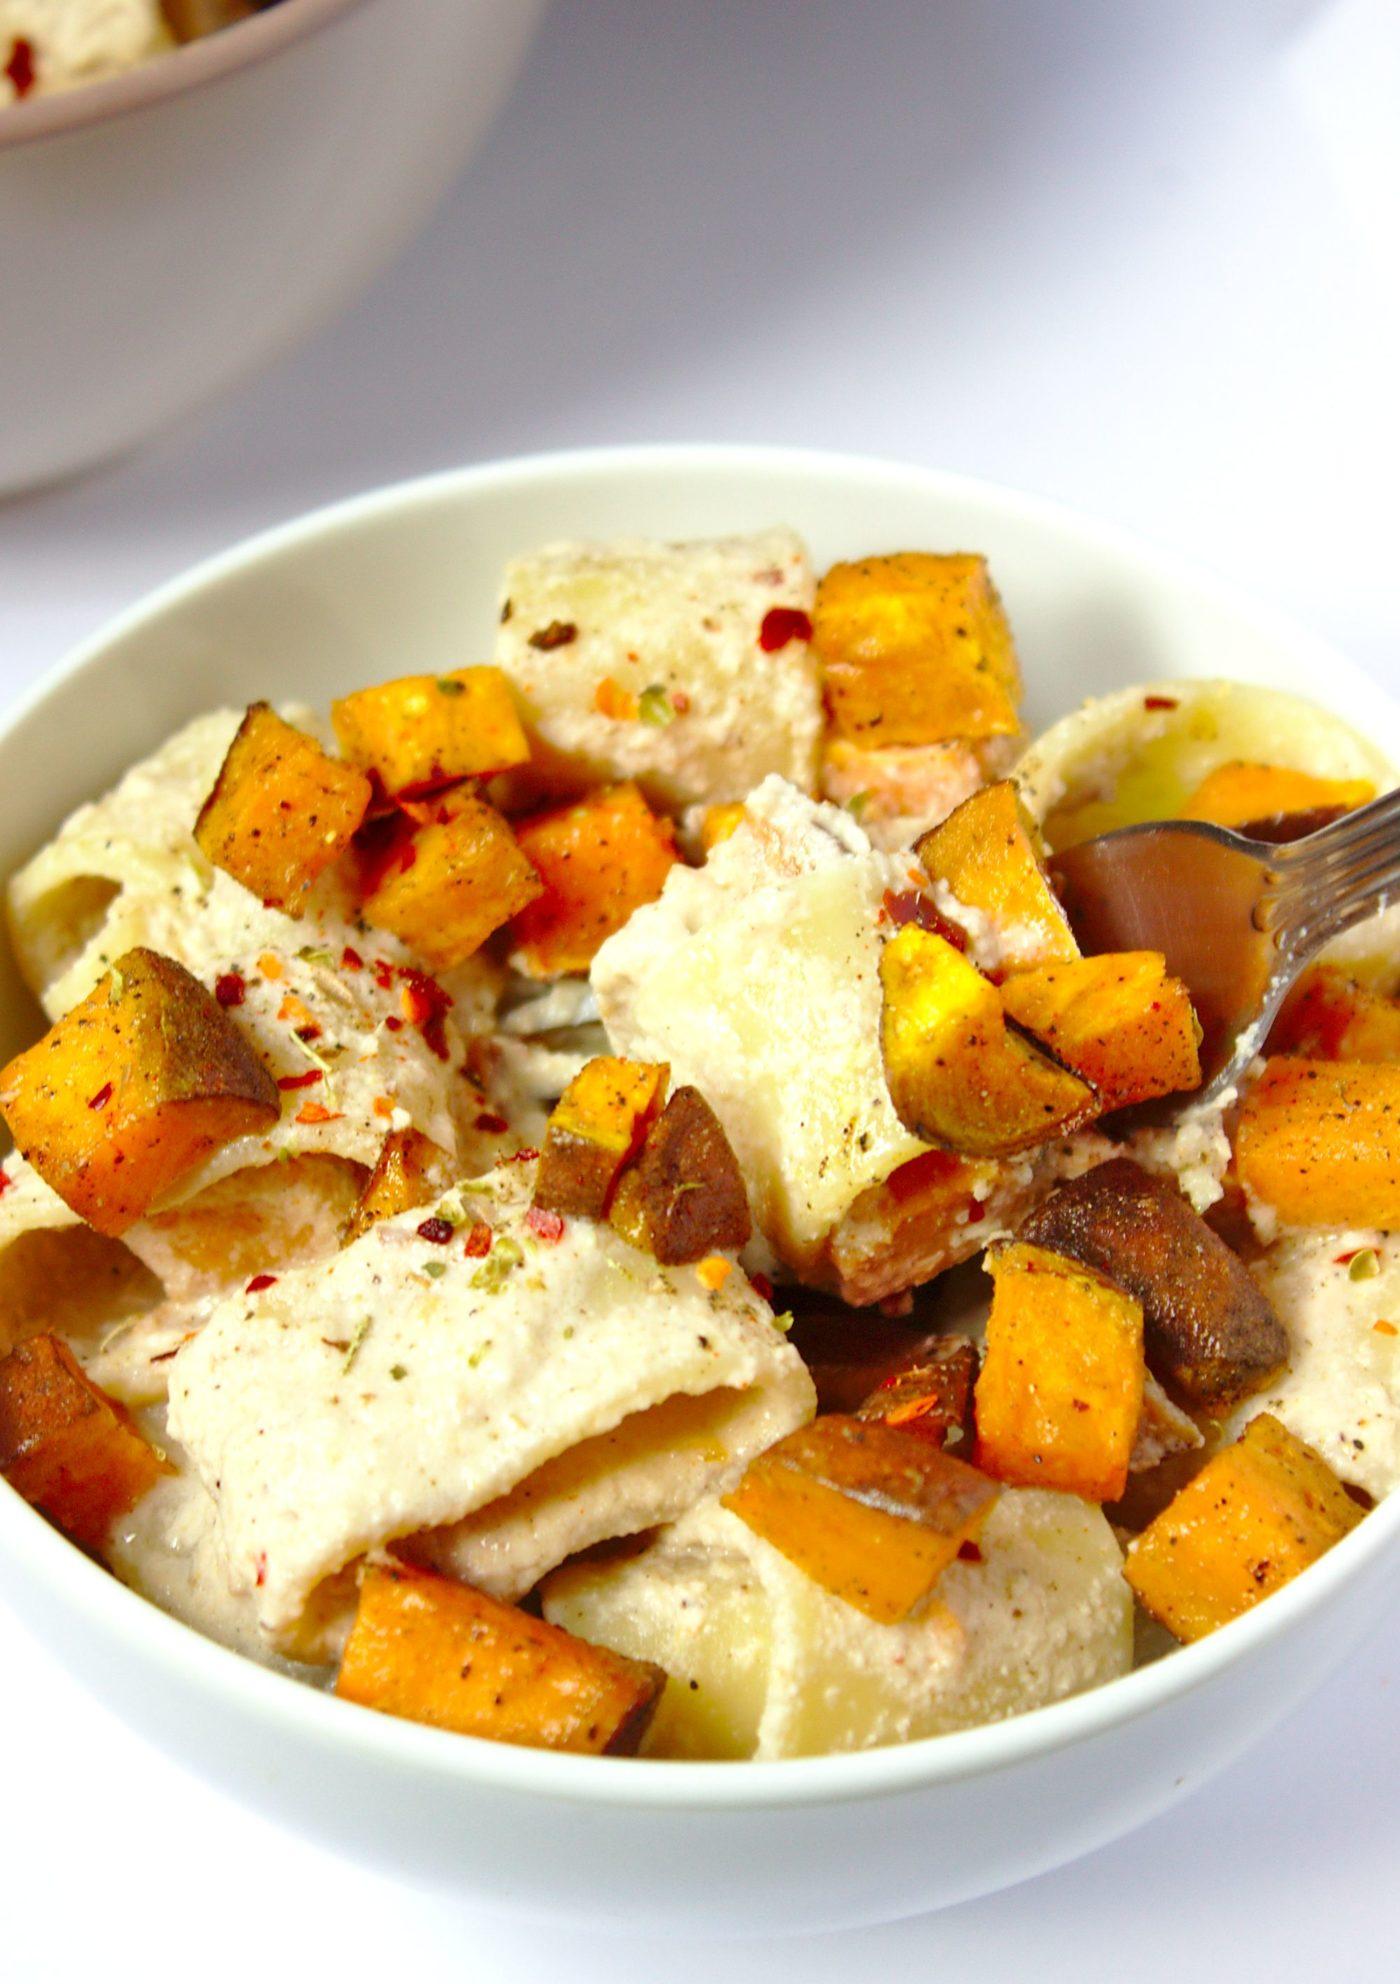 Makaron z wegańskim sosem orzechowym o smaku śmietankowym i pieczonym batatem